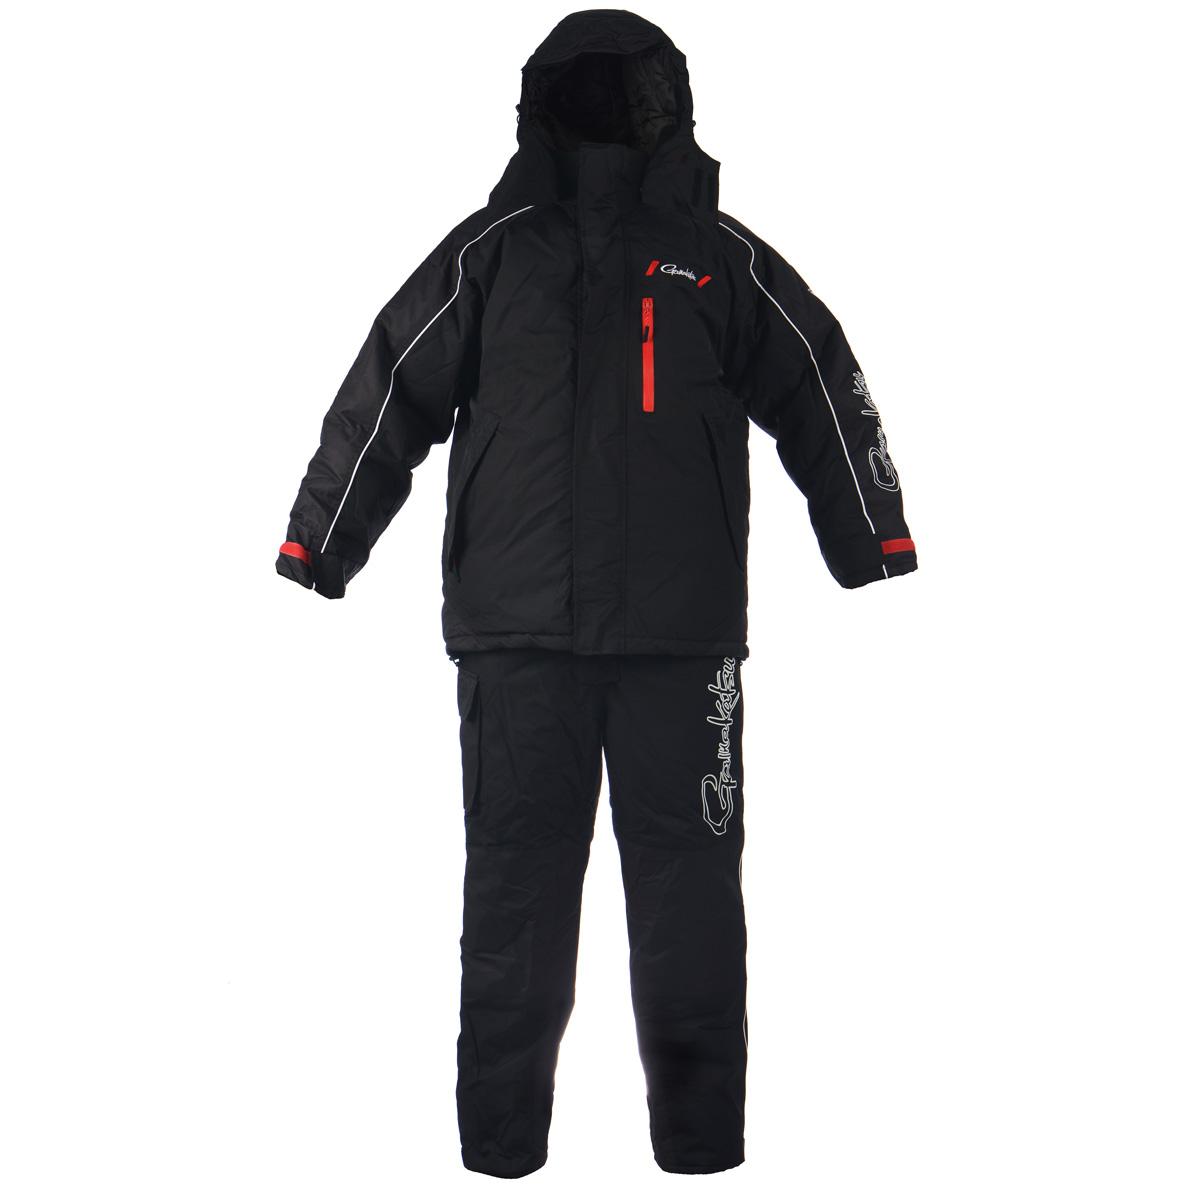 Комплект верхней одежды0041117Теплый мужской комплект Gamakatsu, состоящий из куртки с подстежкой Ultralight и полукомбинезона, предназначен для сурового климата с экстремально низкими температурами (от -5°С до - 50°С). Верхний материал выполнен из 100% нейлона, подкладка и утеплитель из 100% полиэстера. Куртка с капюшоном застегивается на пластиковую застежку-молнию с двойным бегунком и дополнительно имеет две внешних планки, застегивающихся на липучки. Предусмотрен капюшон, пристегивающийся с помощью застежек-кнопок и дополненный эластичным шнурком на стопперах. Капюшон фиксируется под подбородком клапаном на липучки. Для большего комфорта основная подкладка выполнена из мягкого и теплого флиса. Рукава дополнены внутренними эластичными манжетами с хлястиками на липучках, а также внешними хлястиками на липучках, с помощью которых можно регулировать обхват рукавов понизу. На груди предусмотрен вместительный прорезной карман на застежке-молнии, также спереди имеются еще два прорезных кармана на...